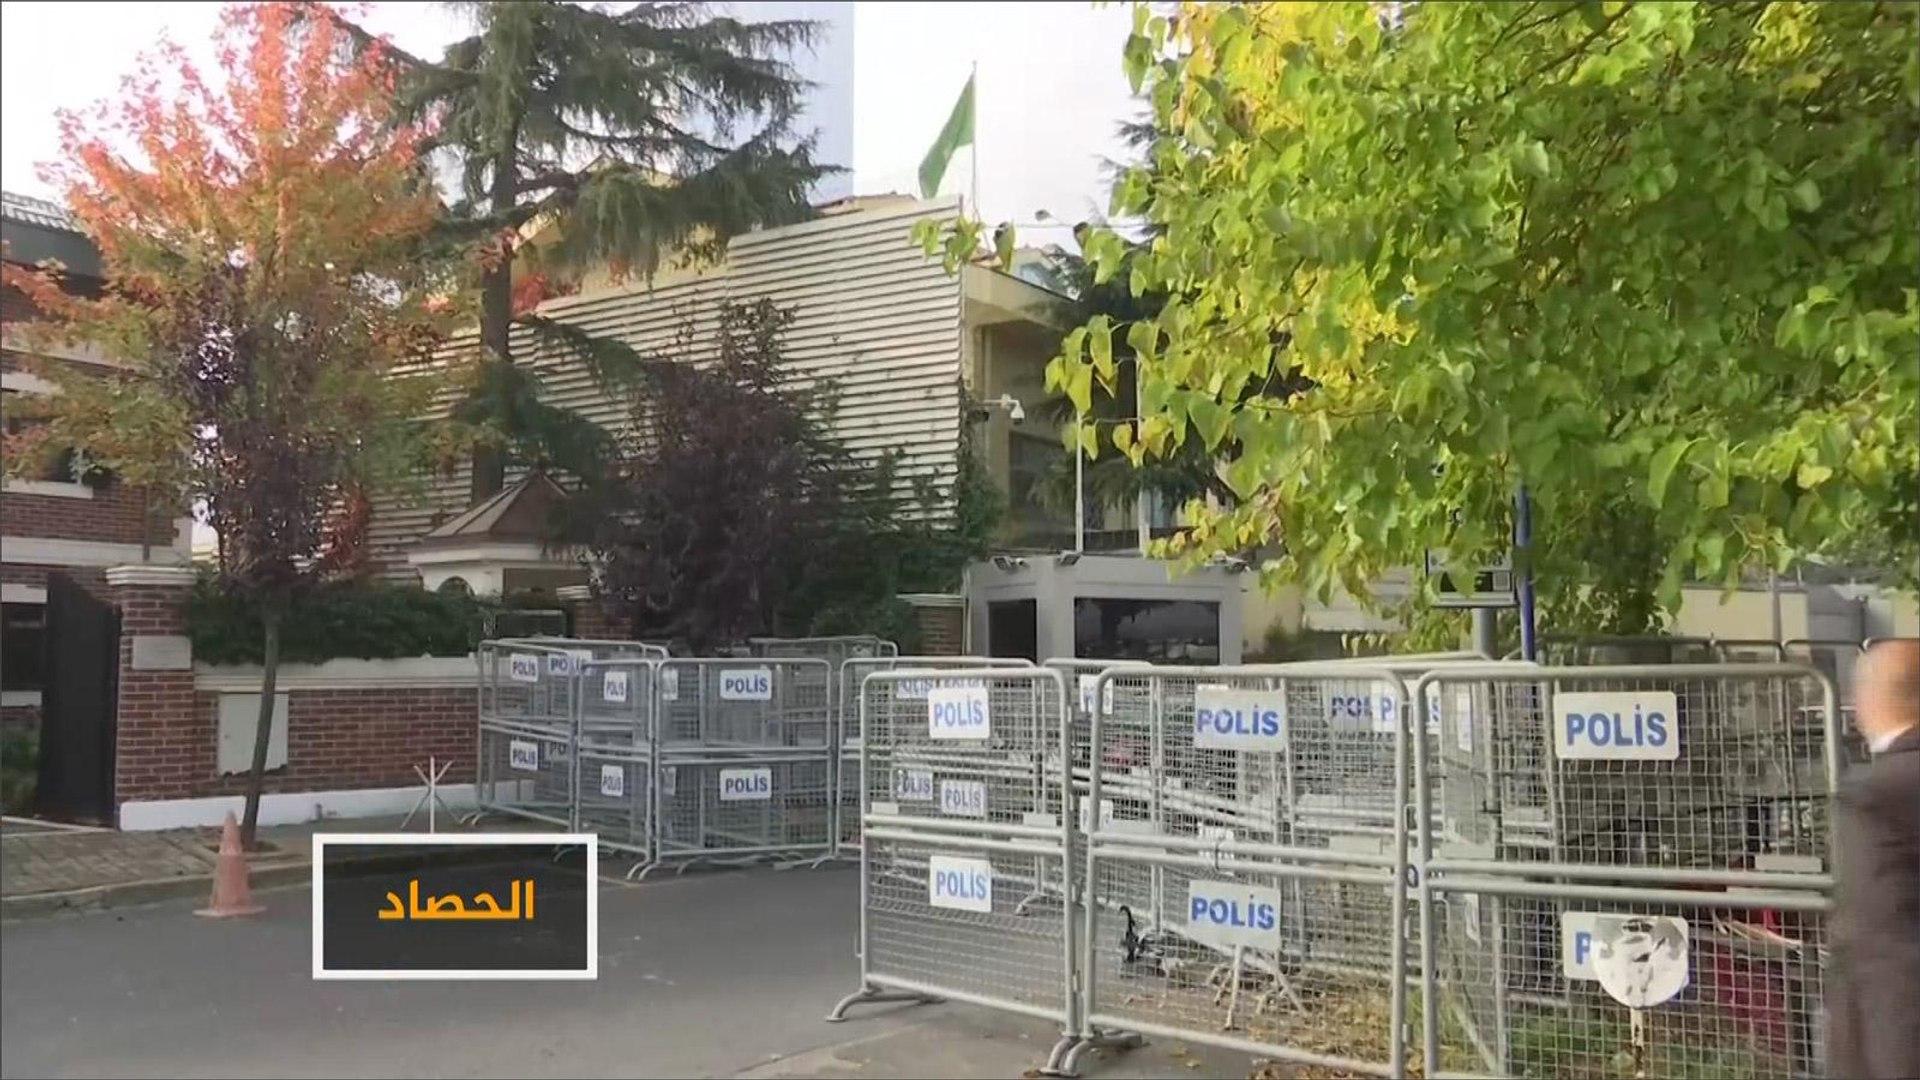 تسجيلات تدحض رواية السعودية لاغتيال خاشقجي.. فهل ستكذب نفسها؟